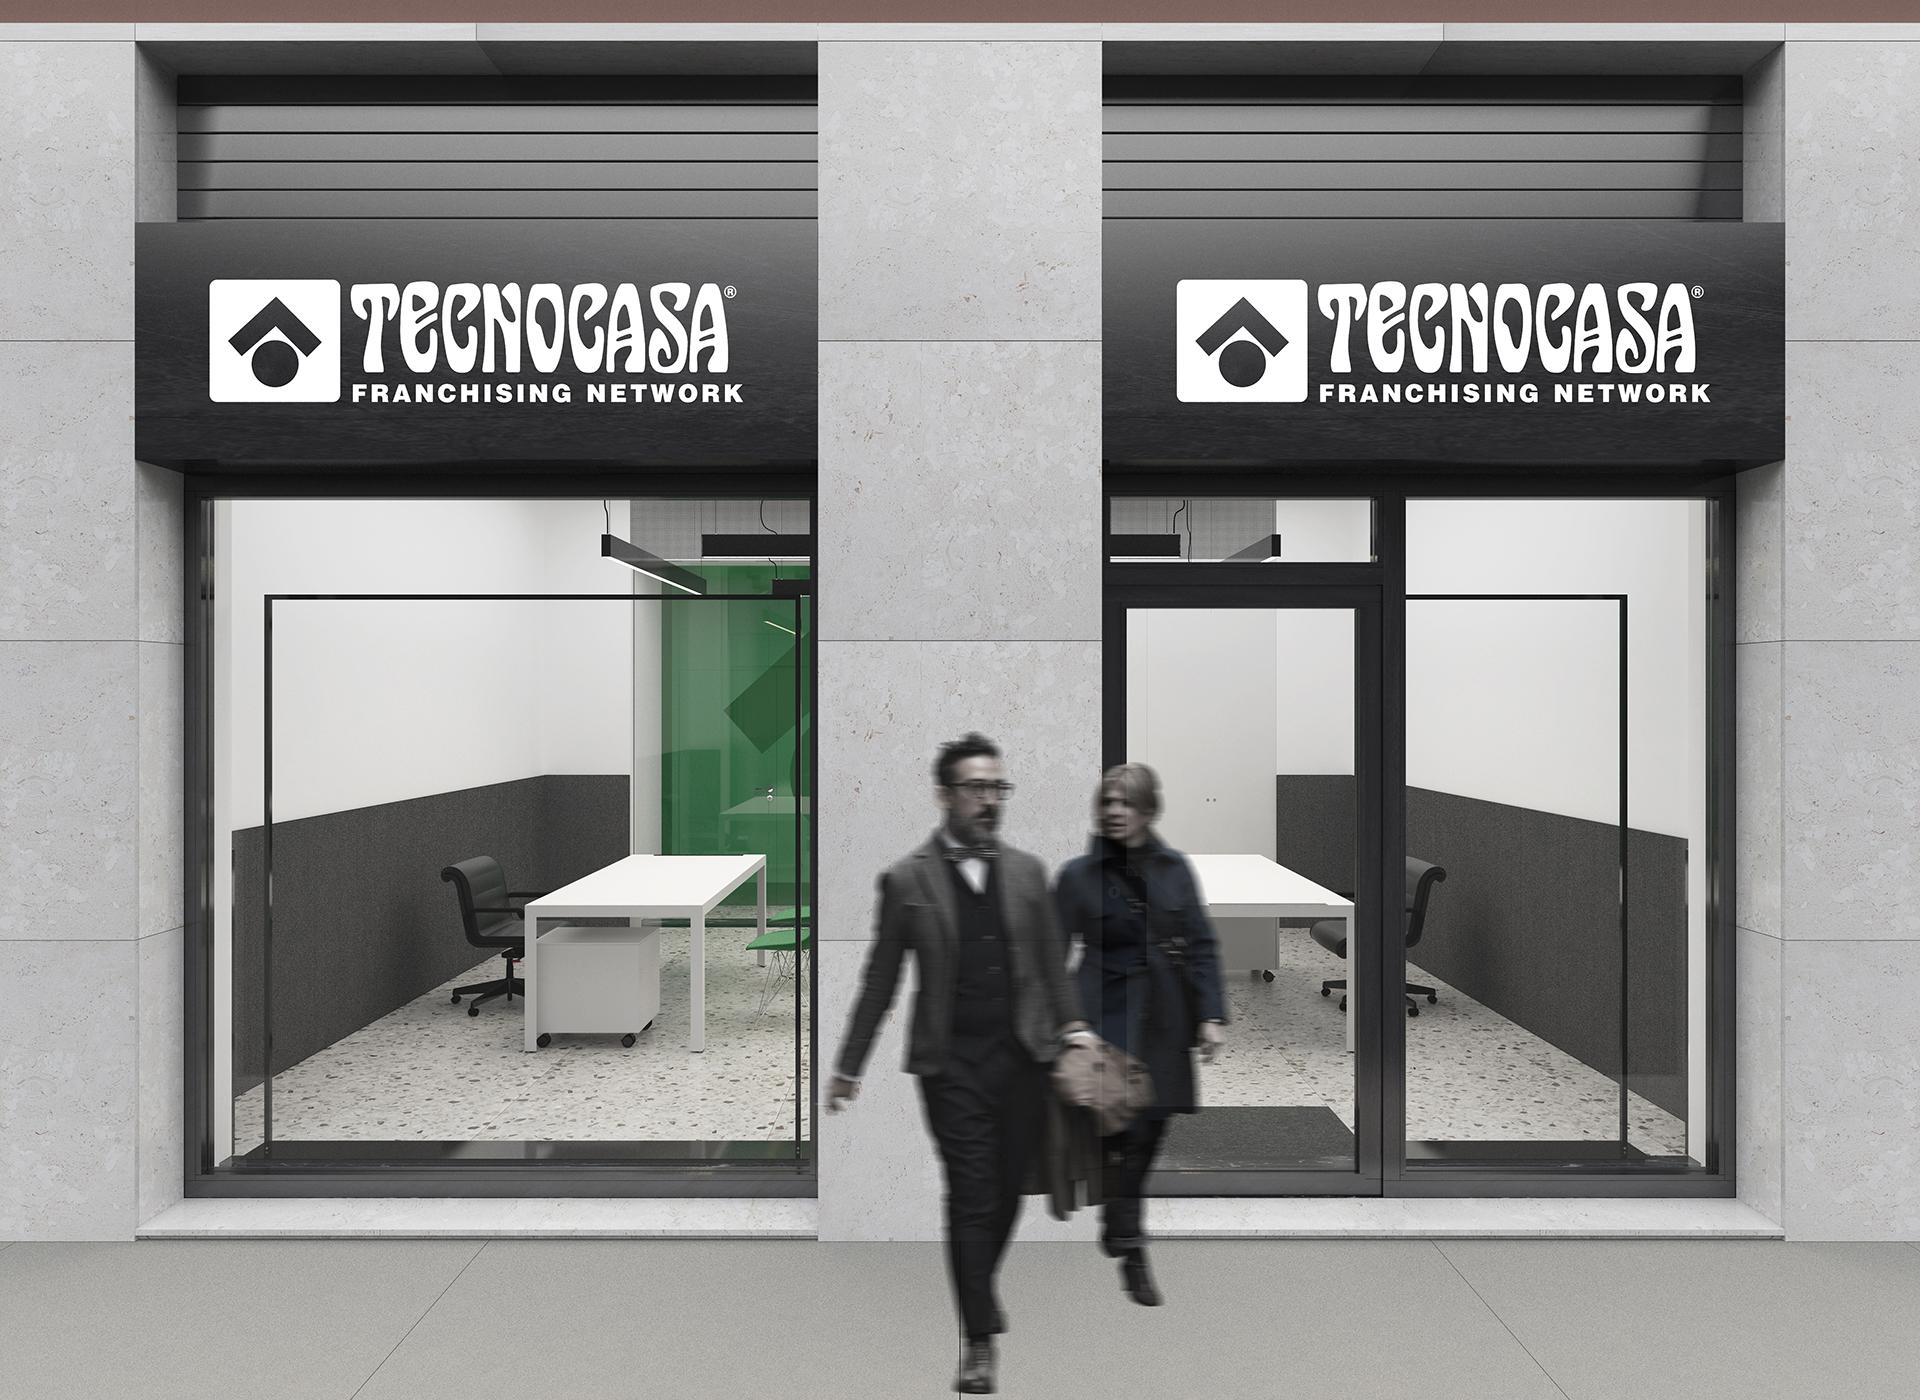 Tecnocasa agenzia verona studio marco taietta - Percentuale agenzia immobiliare tecnocasa ...